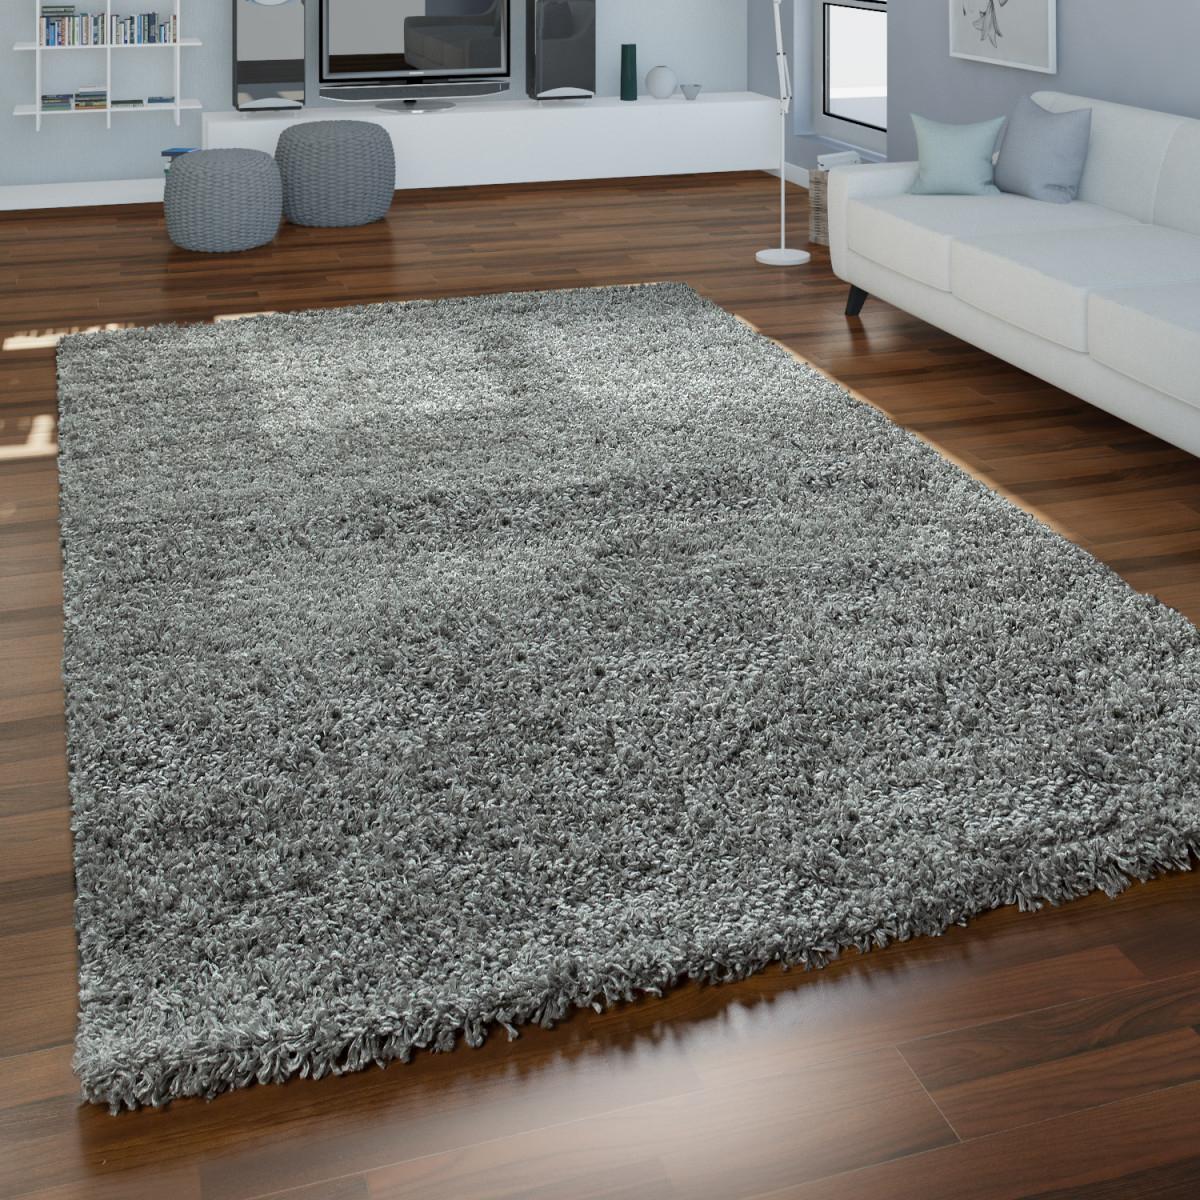 Details Zu Grauer Hochflor Teppich Wohnzimmer Shaggy Flauschig Weich  Strapazierfähig von Grauer Wohnzimmer Teppich Bild